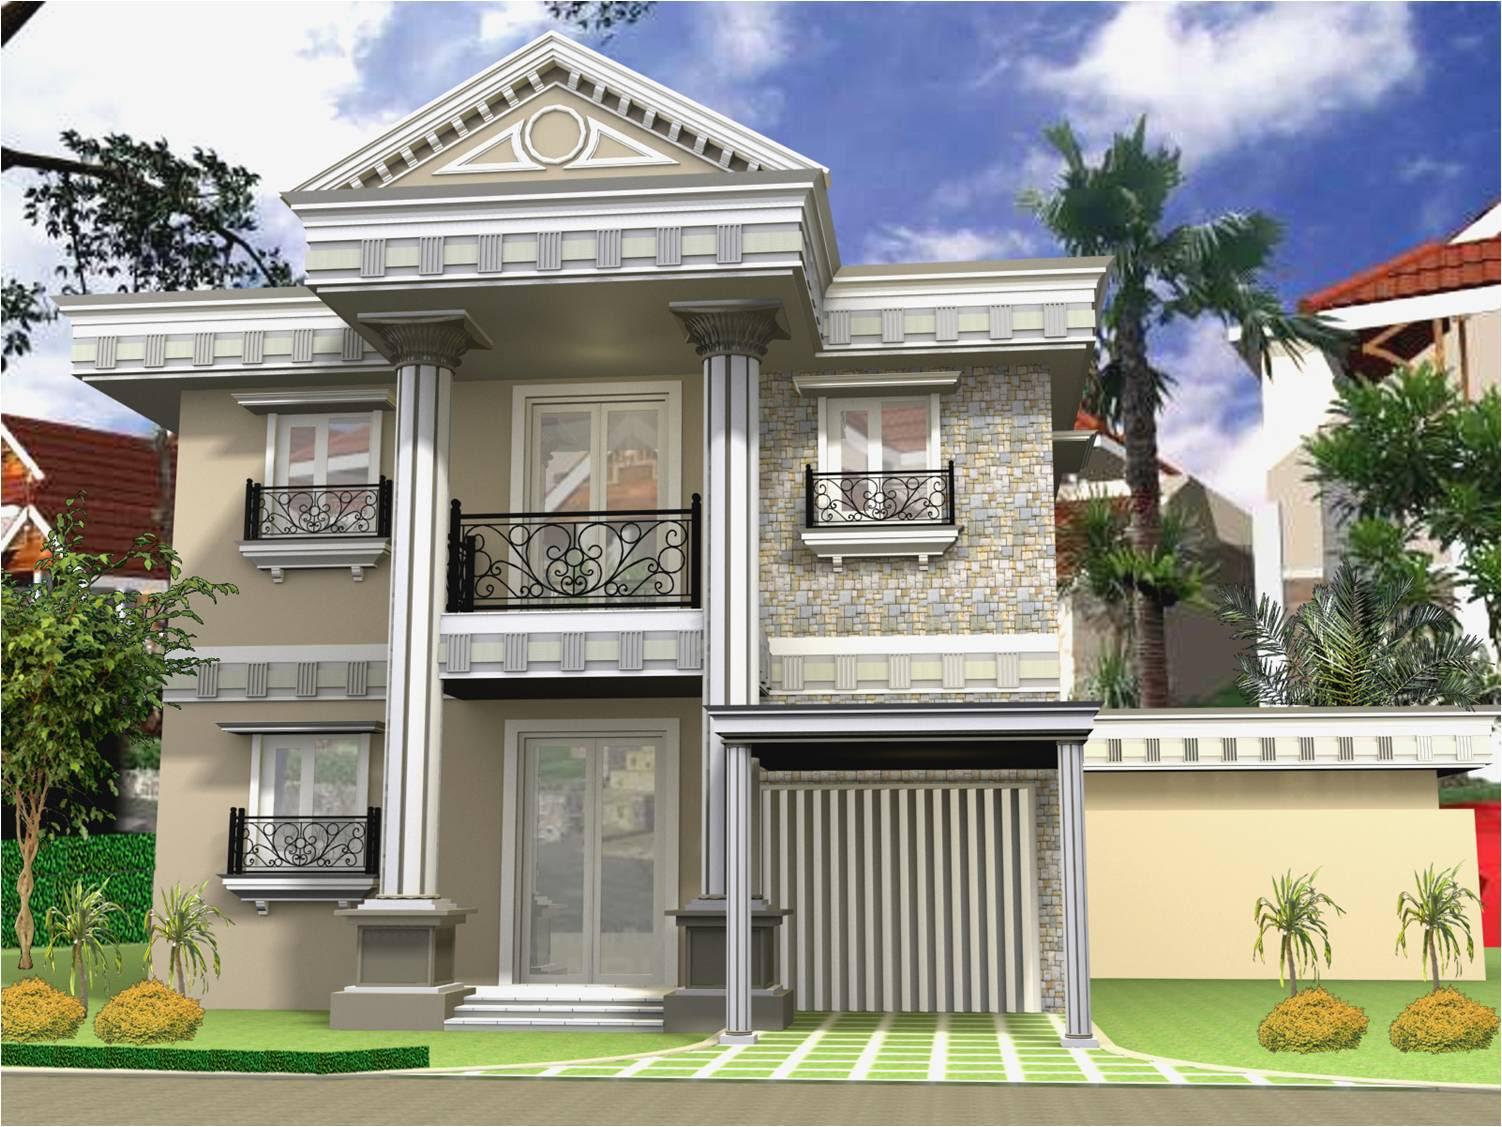 Desain Rumah 2 Lantai type 45 Gaya Mediterania ~ Gambar ...